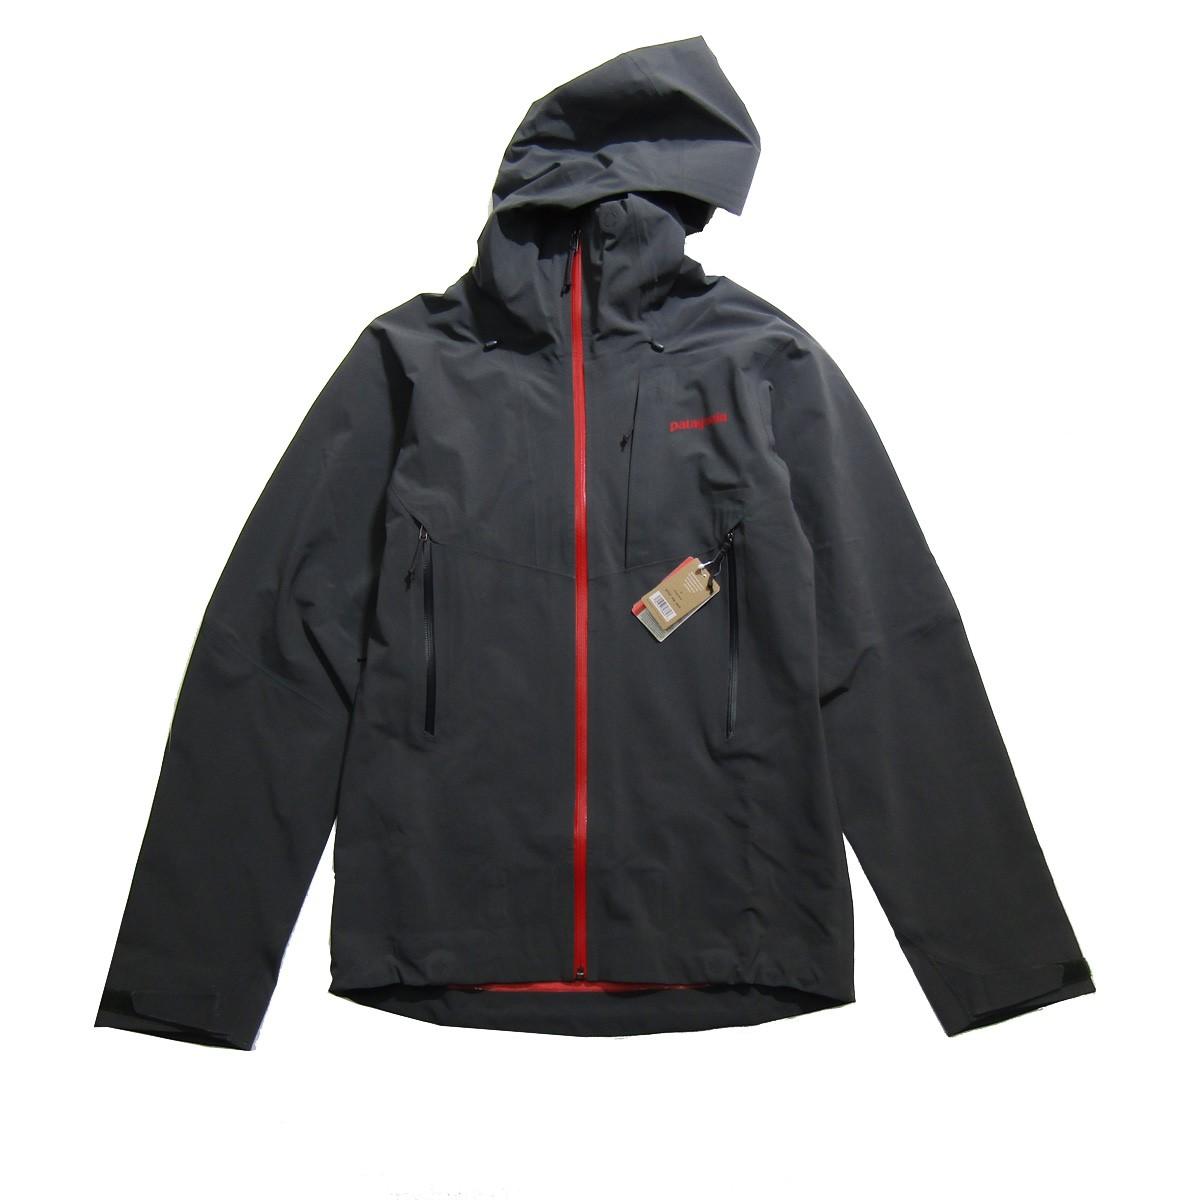 【中古】patagonia ガルヴァナイズド・ジャケット グレー サイズ:S 【160420】(パタゴニア)